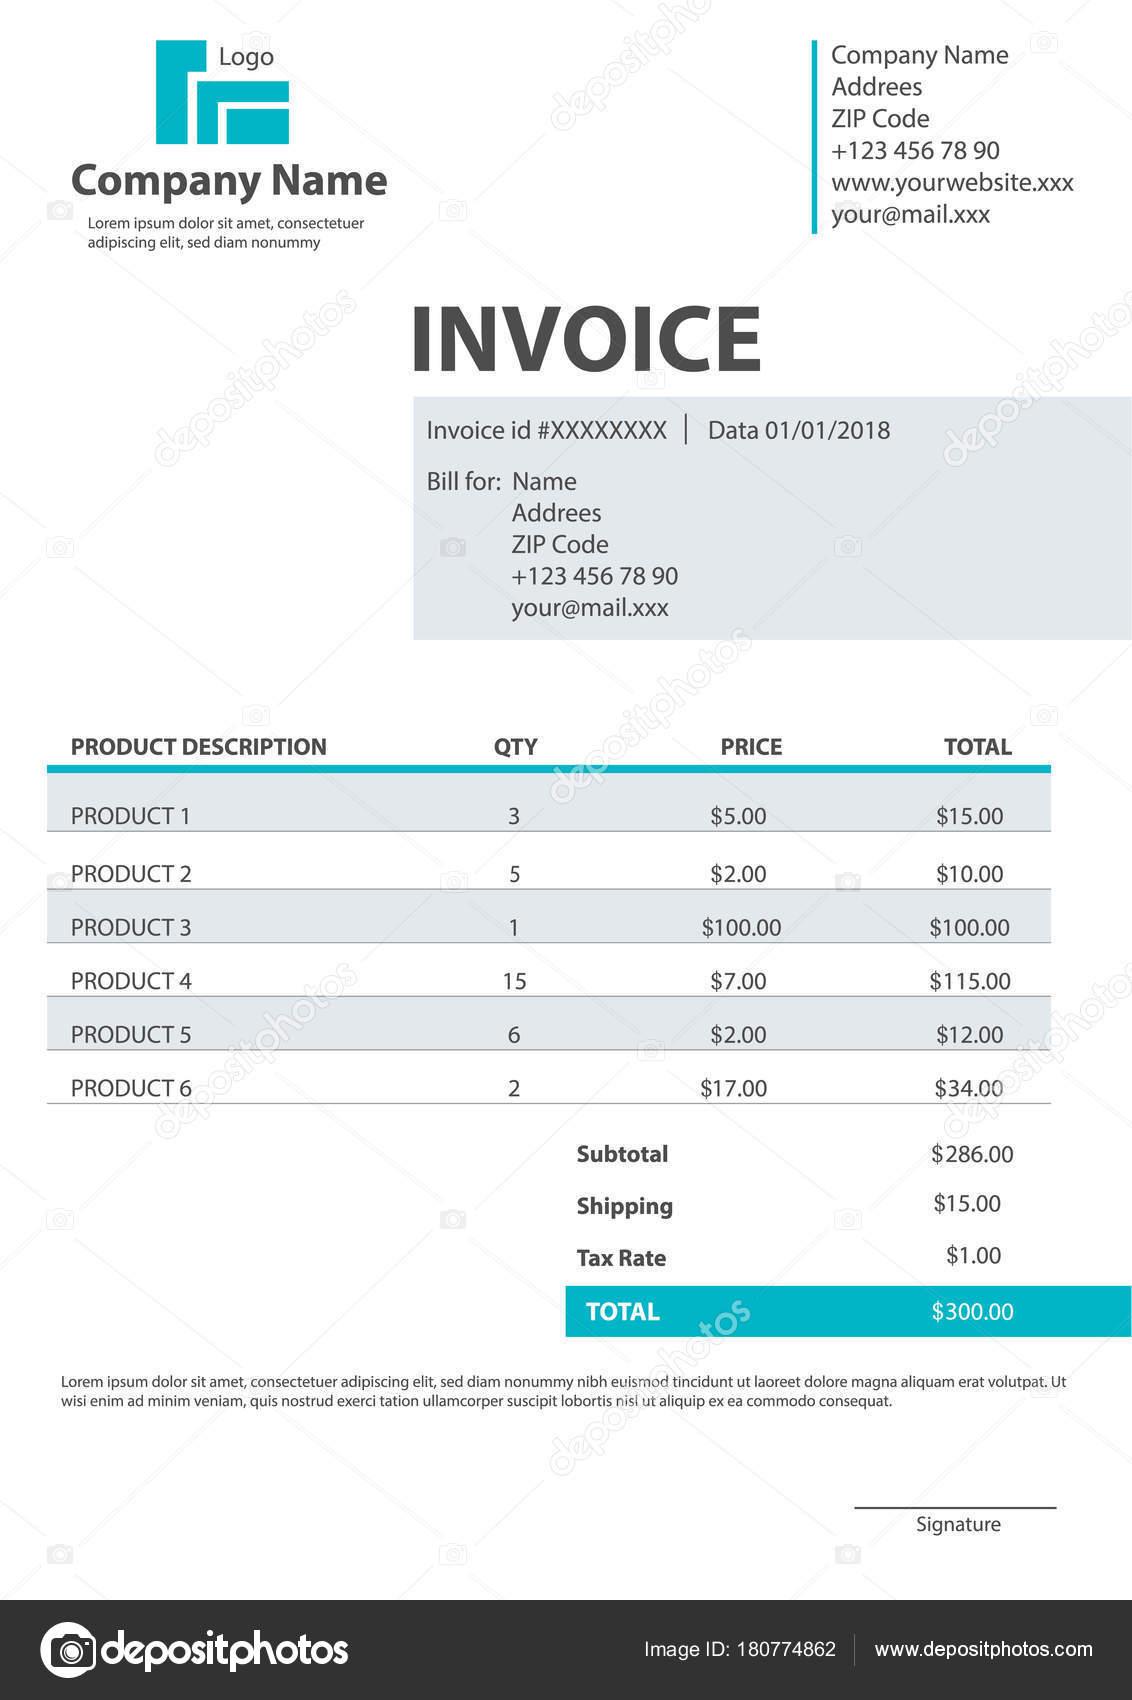 plantilla de formulario de factura — Archivo Imágenes Vectoriales ...